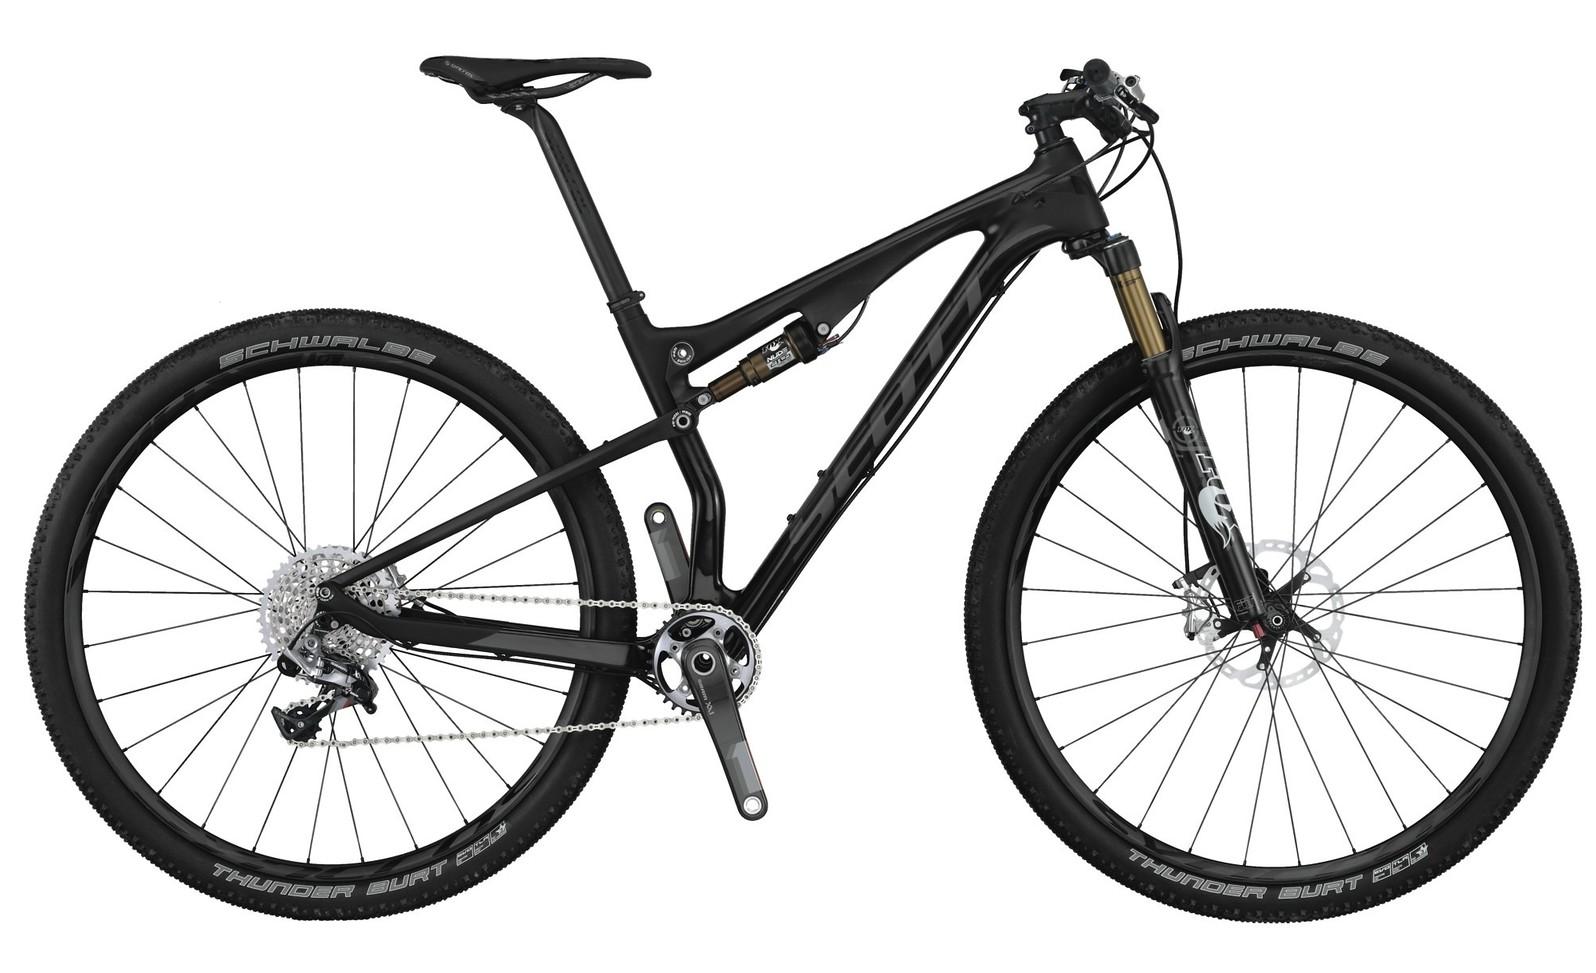 2014 Scott Spark 900 Sl Bike Reviews Comparisons Specs